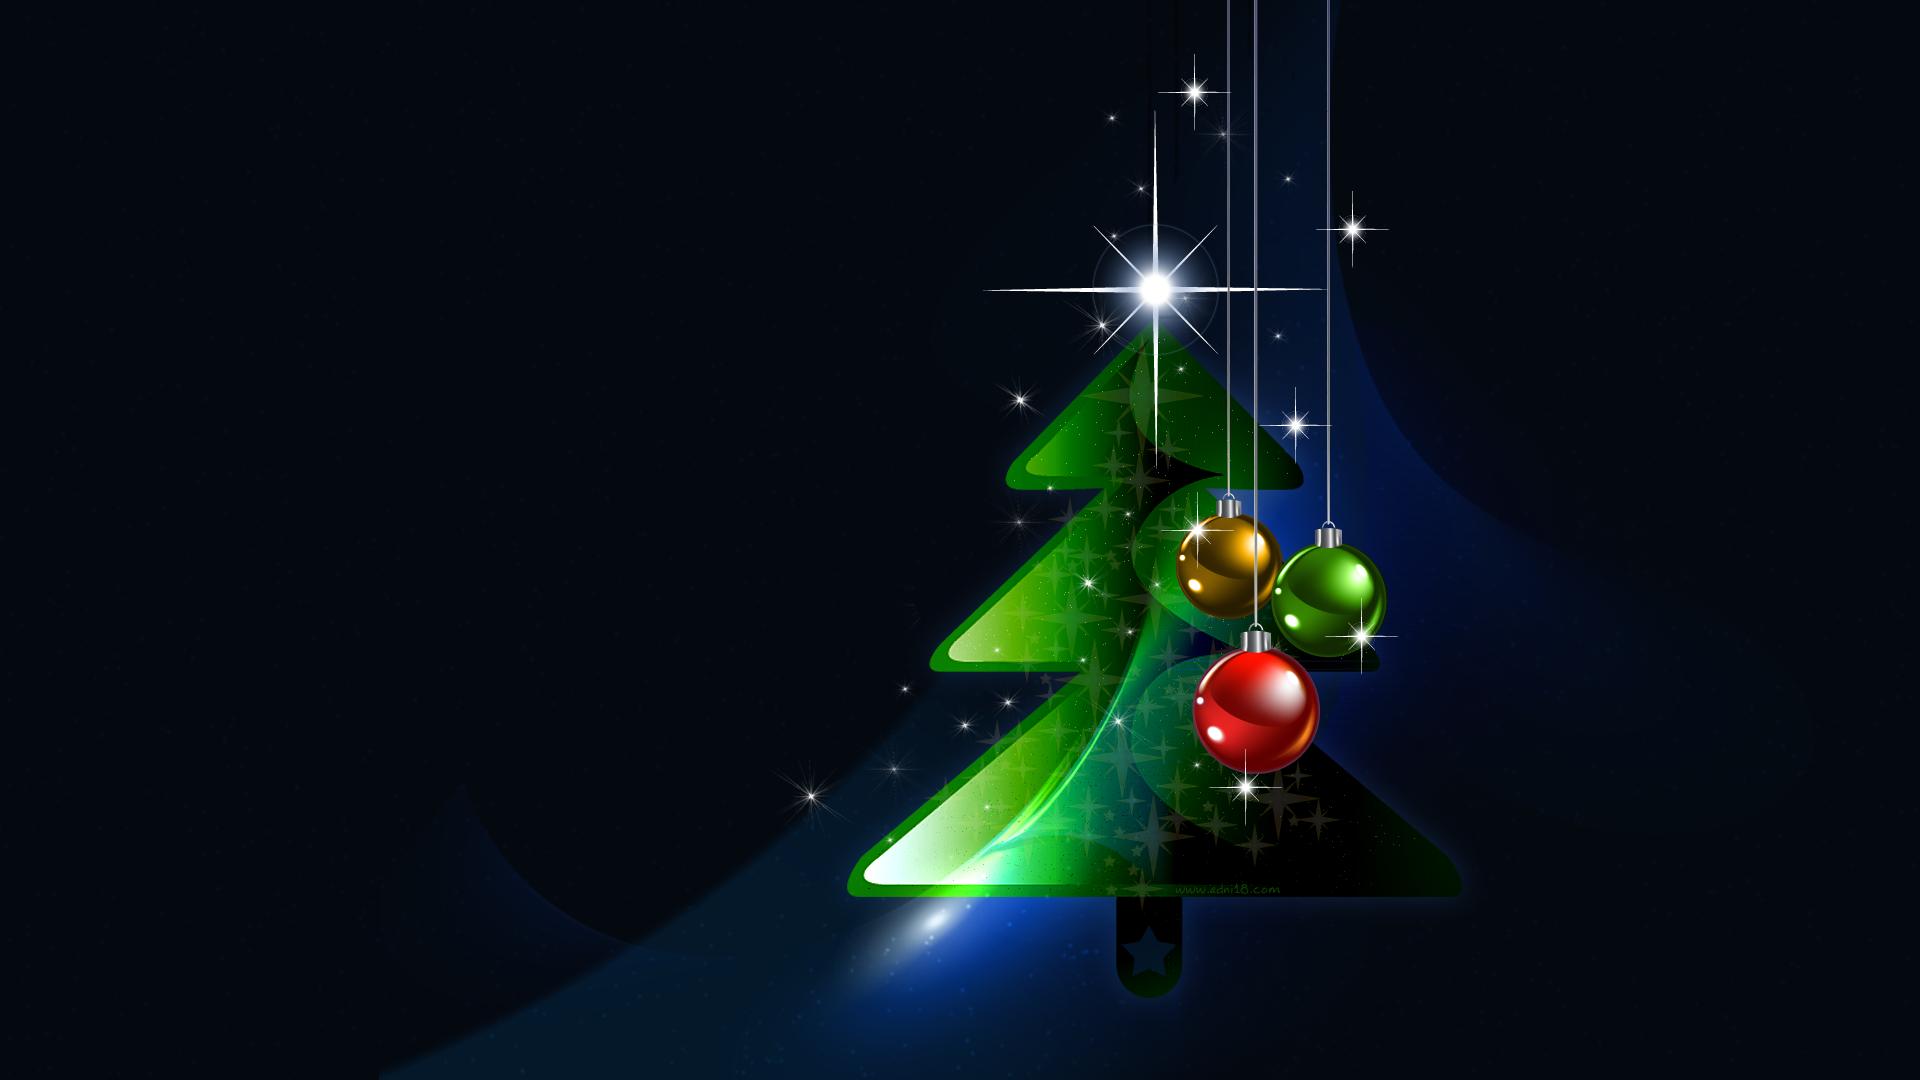 Christmas Pc Wallpaper - WallpaperSafari